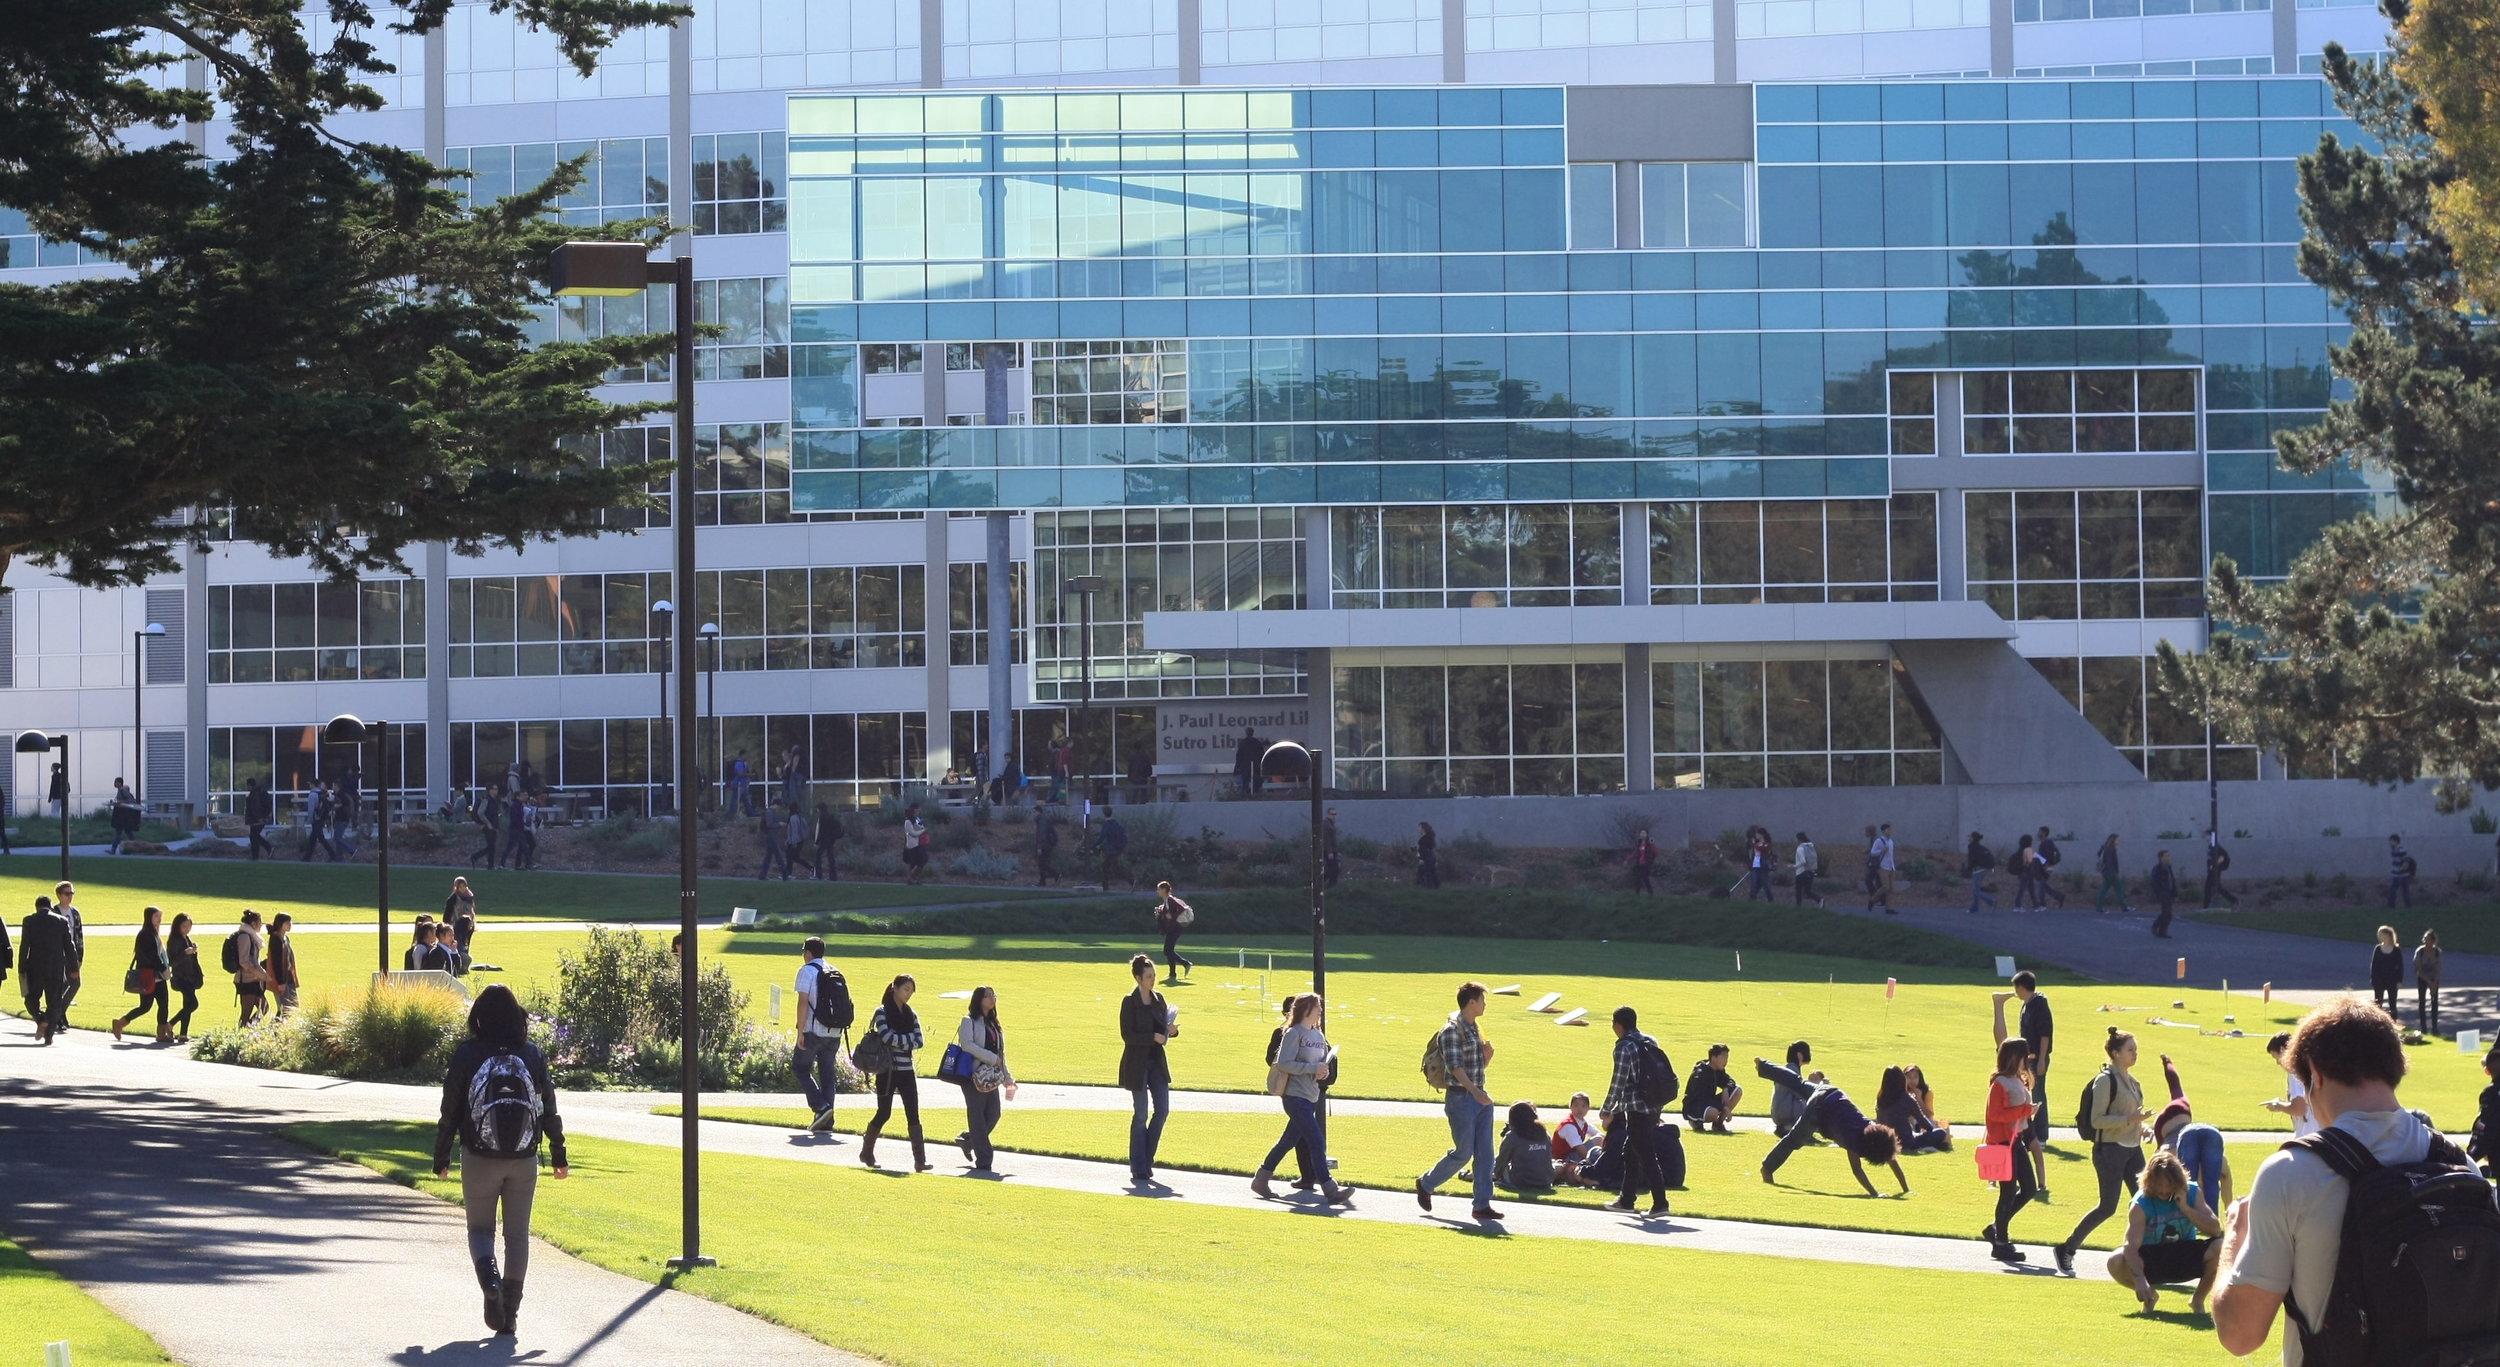 旧金山州立大学导览 - 我们将参加由目前就读大学的学生带领的1小时校园之旅。